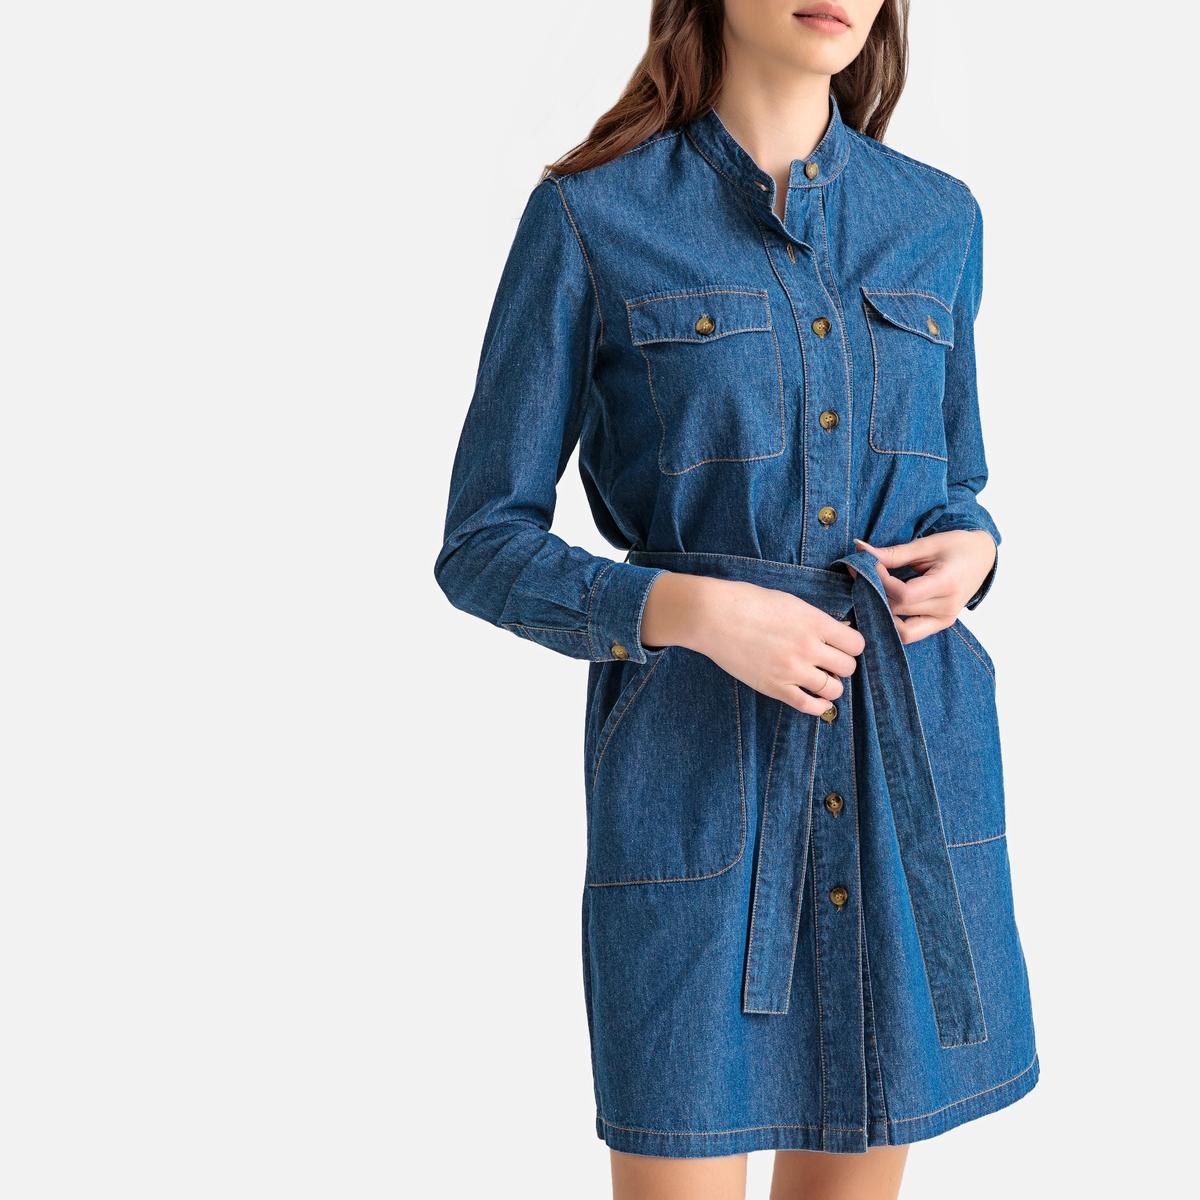 цена Платье-рубашка La Redoute Из денима с длинными рукавами 46 (FR) - 52 (RUS) синий онлайн в 2017 году